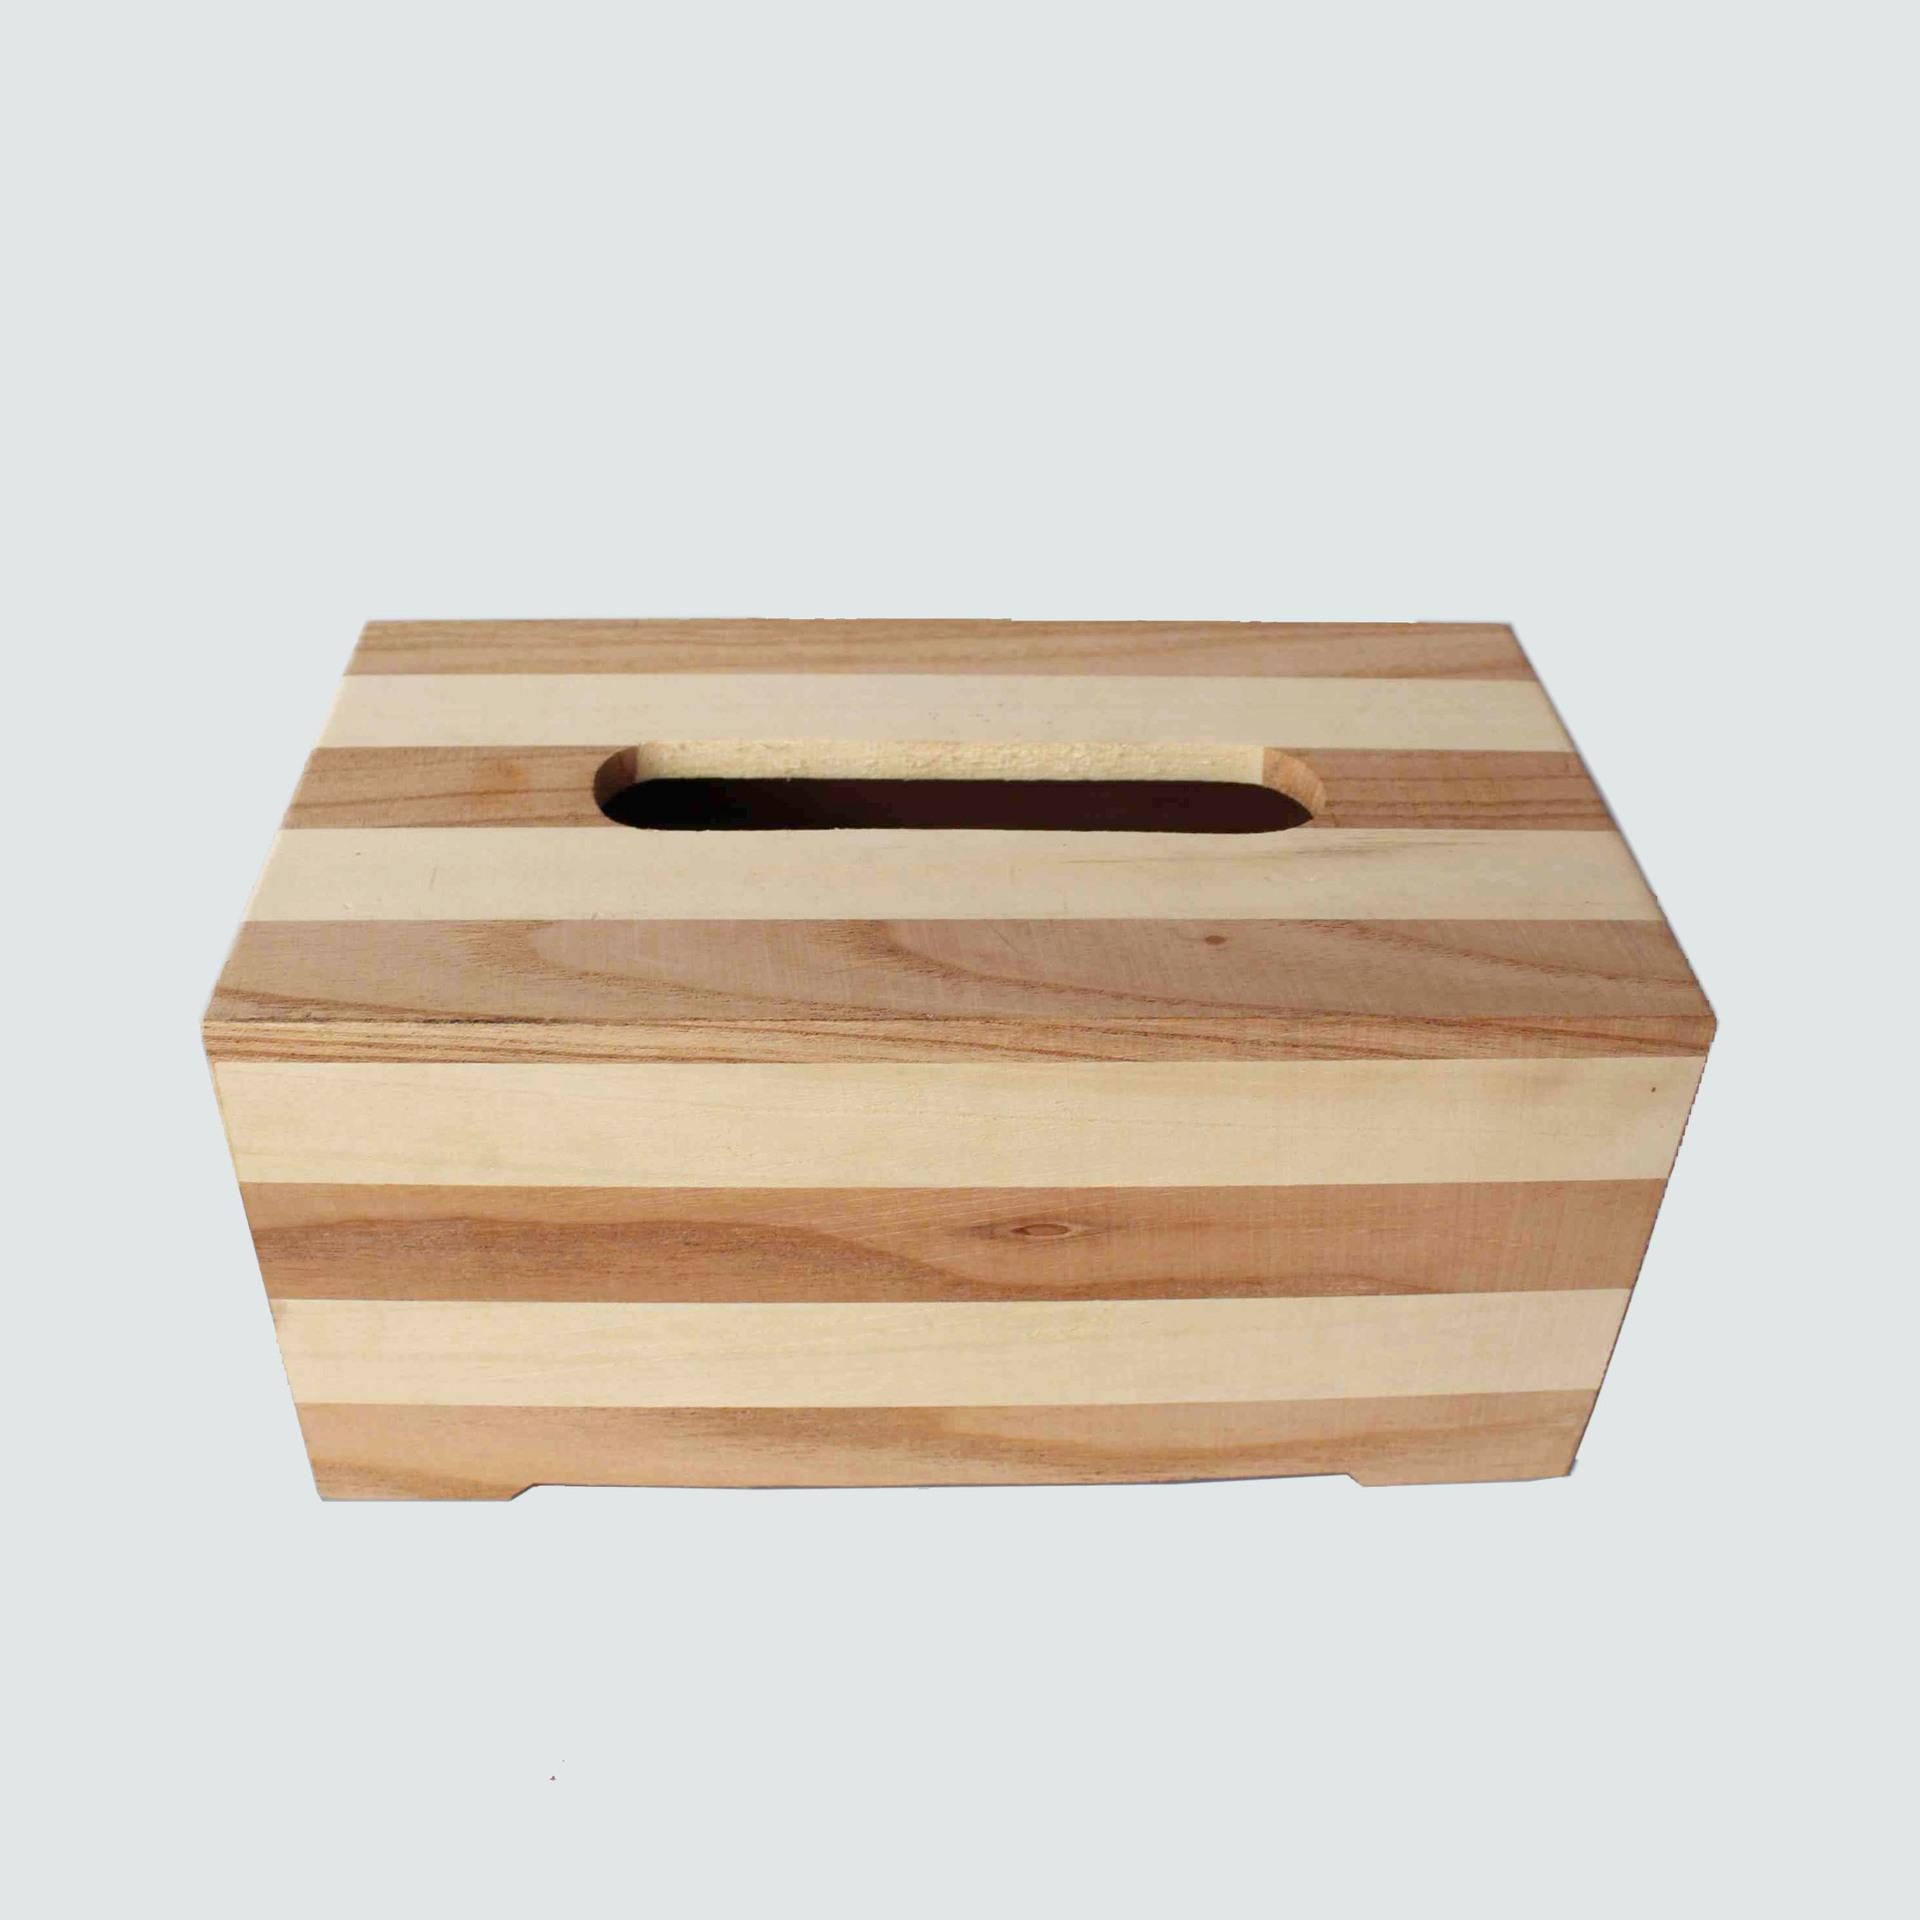 抽纸盒 木质条纹纸巾盒客厅卧室办公室通用抽取式纸巾盒可定制